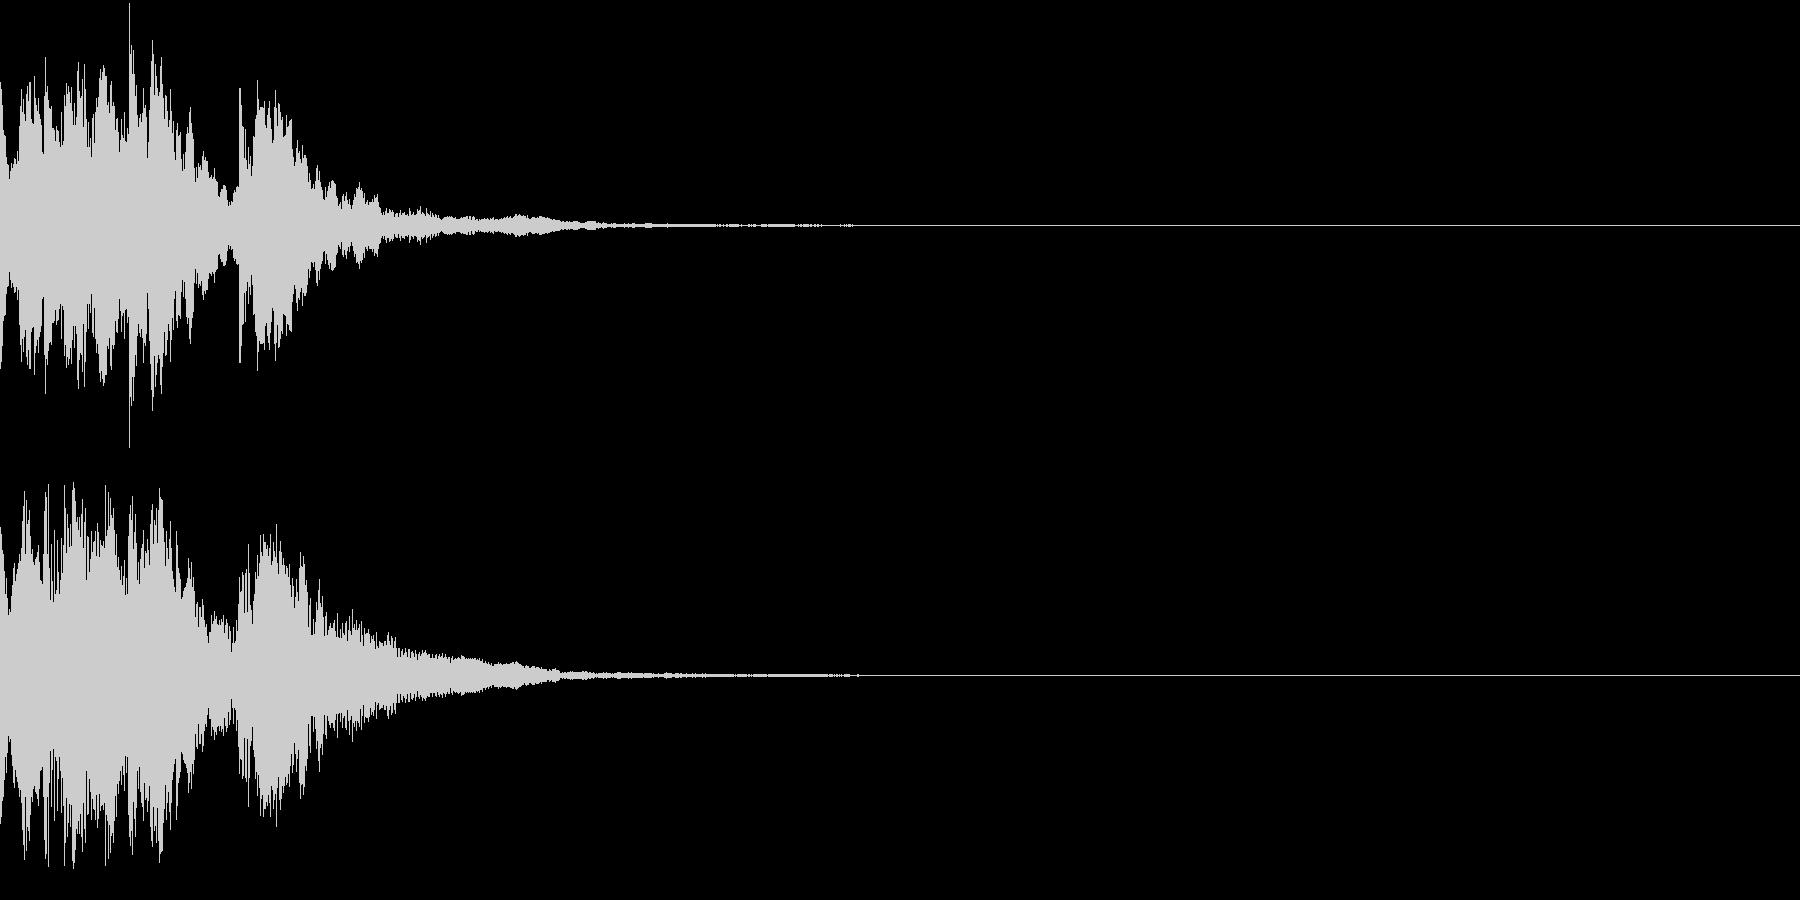 レベルアップ アイテム 入手 発見 ベルの未再生の波形